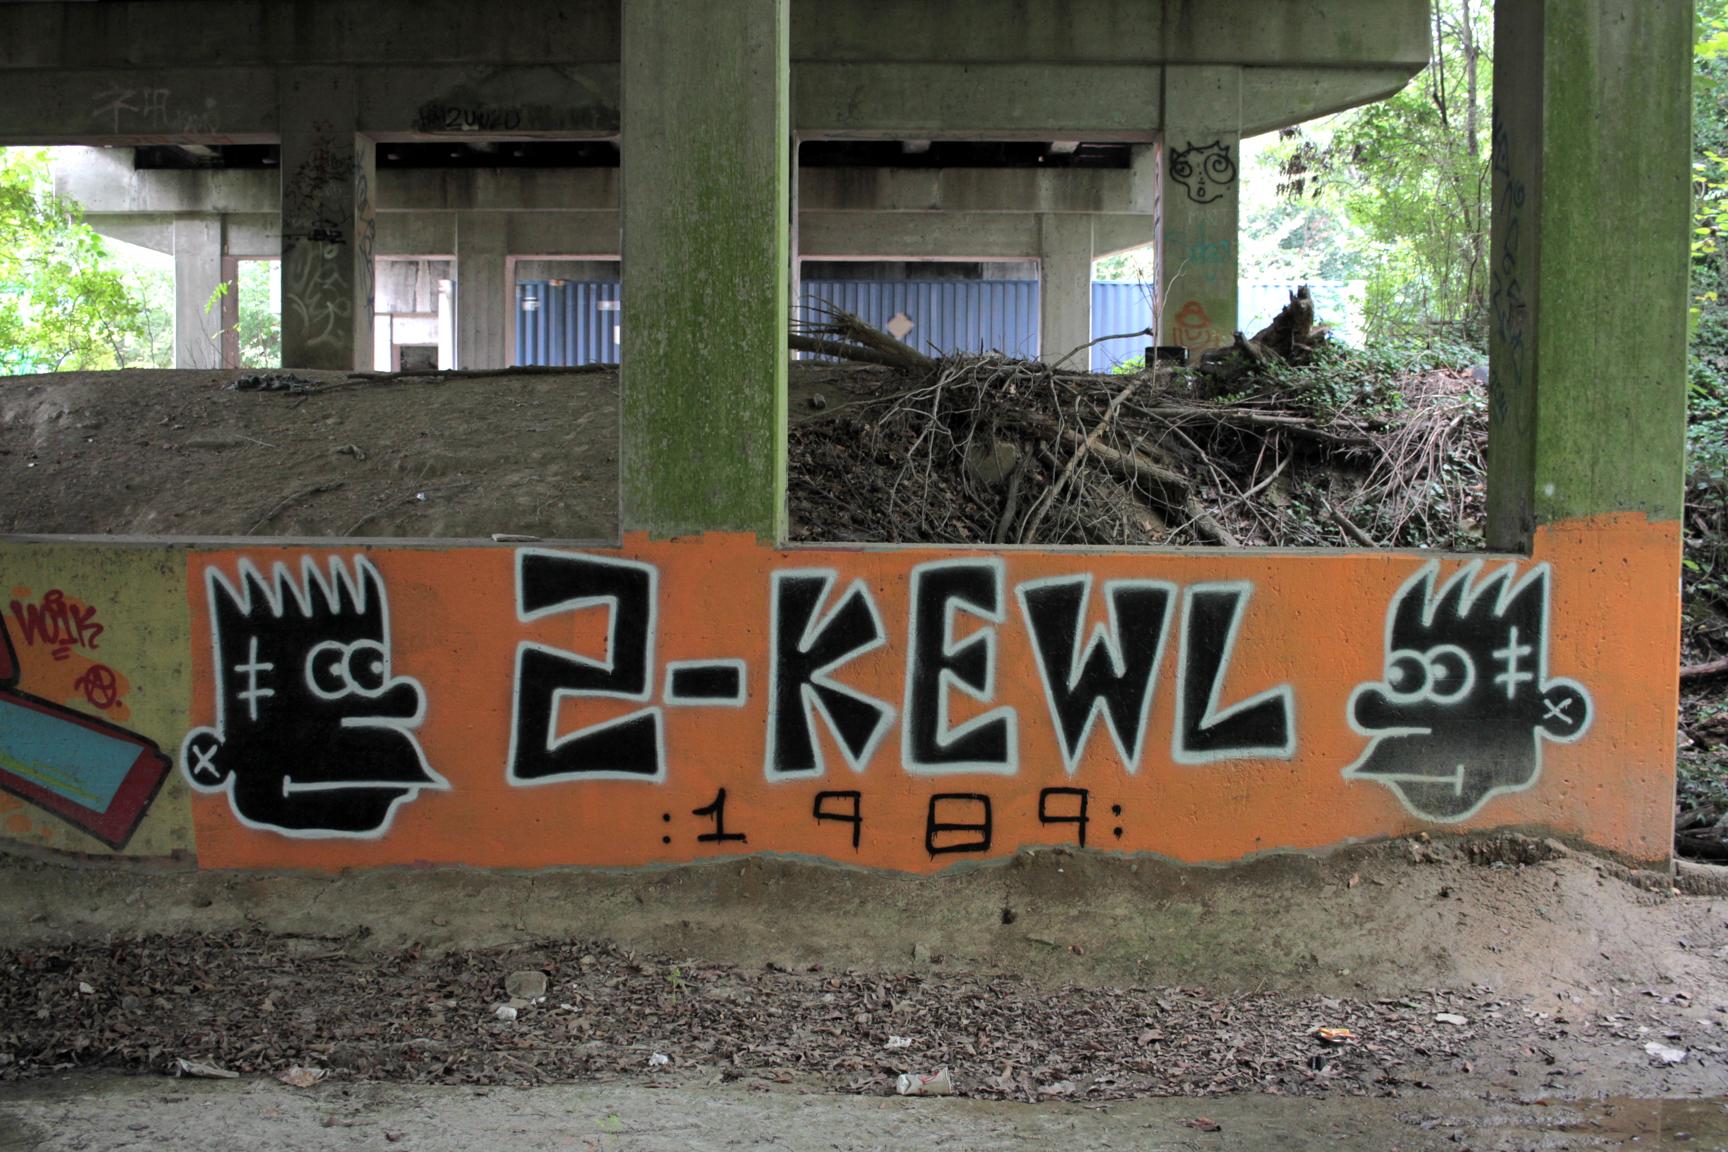 2KEWL.jpg